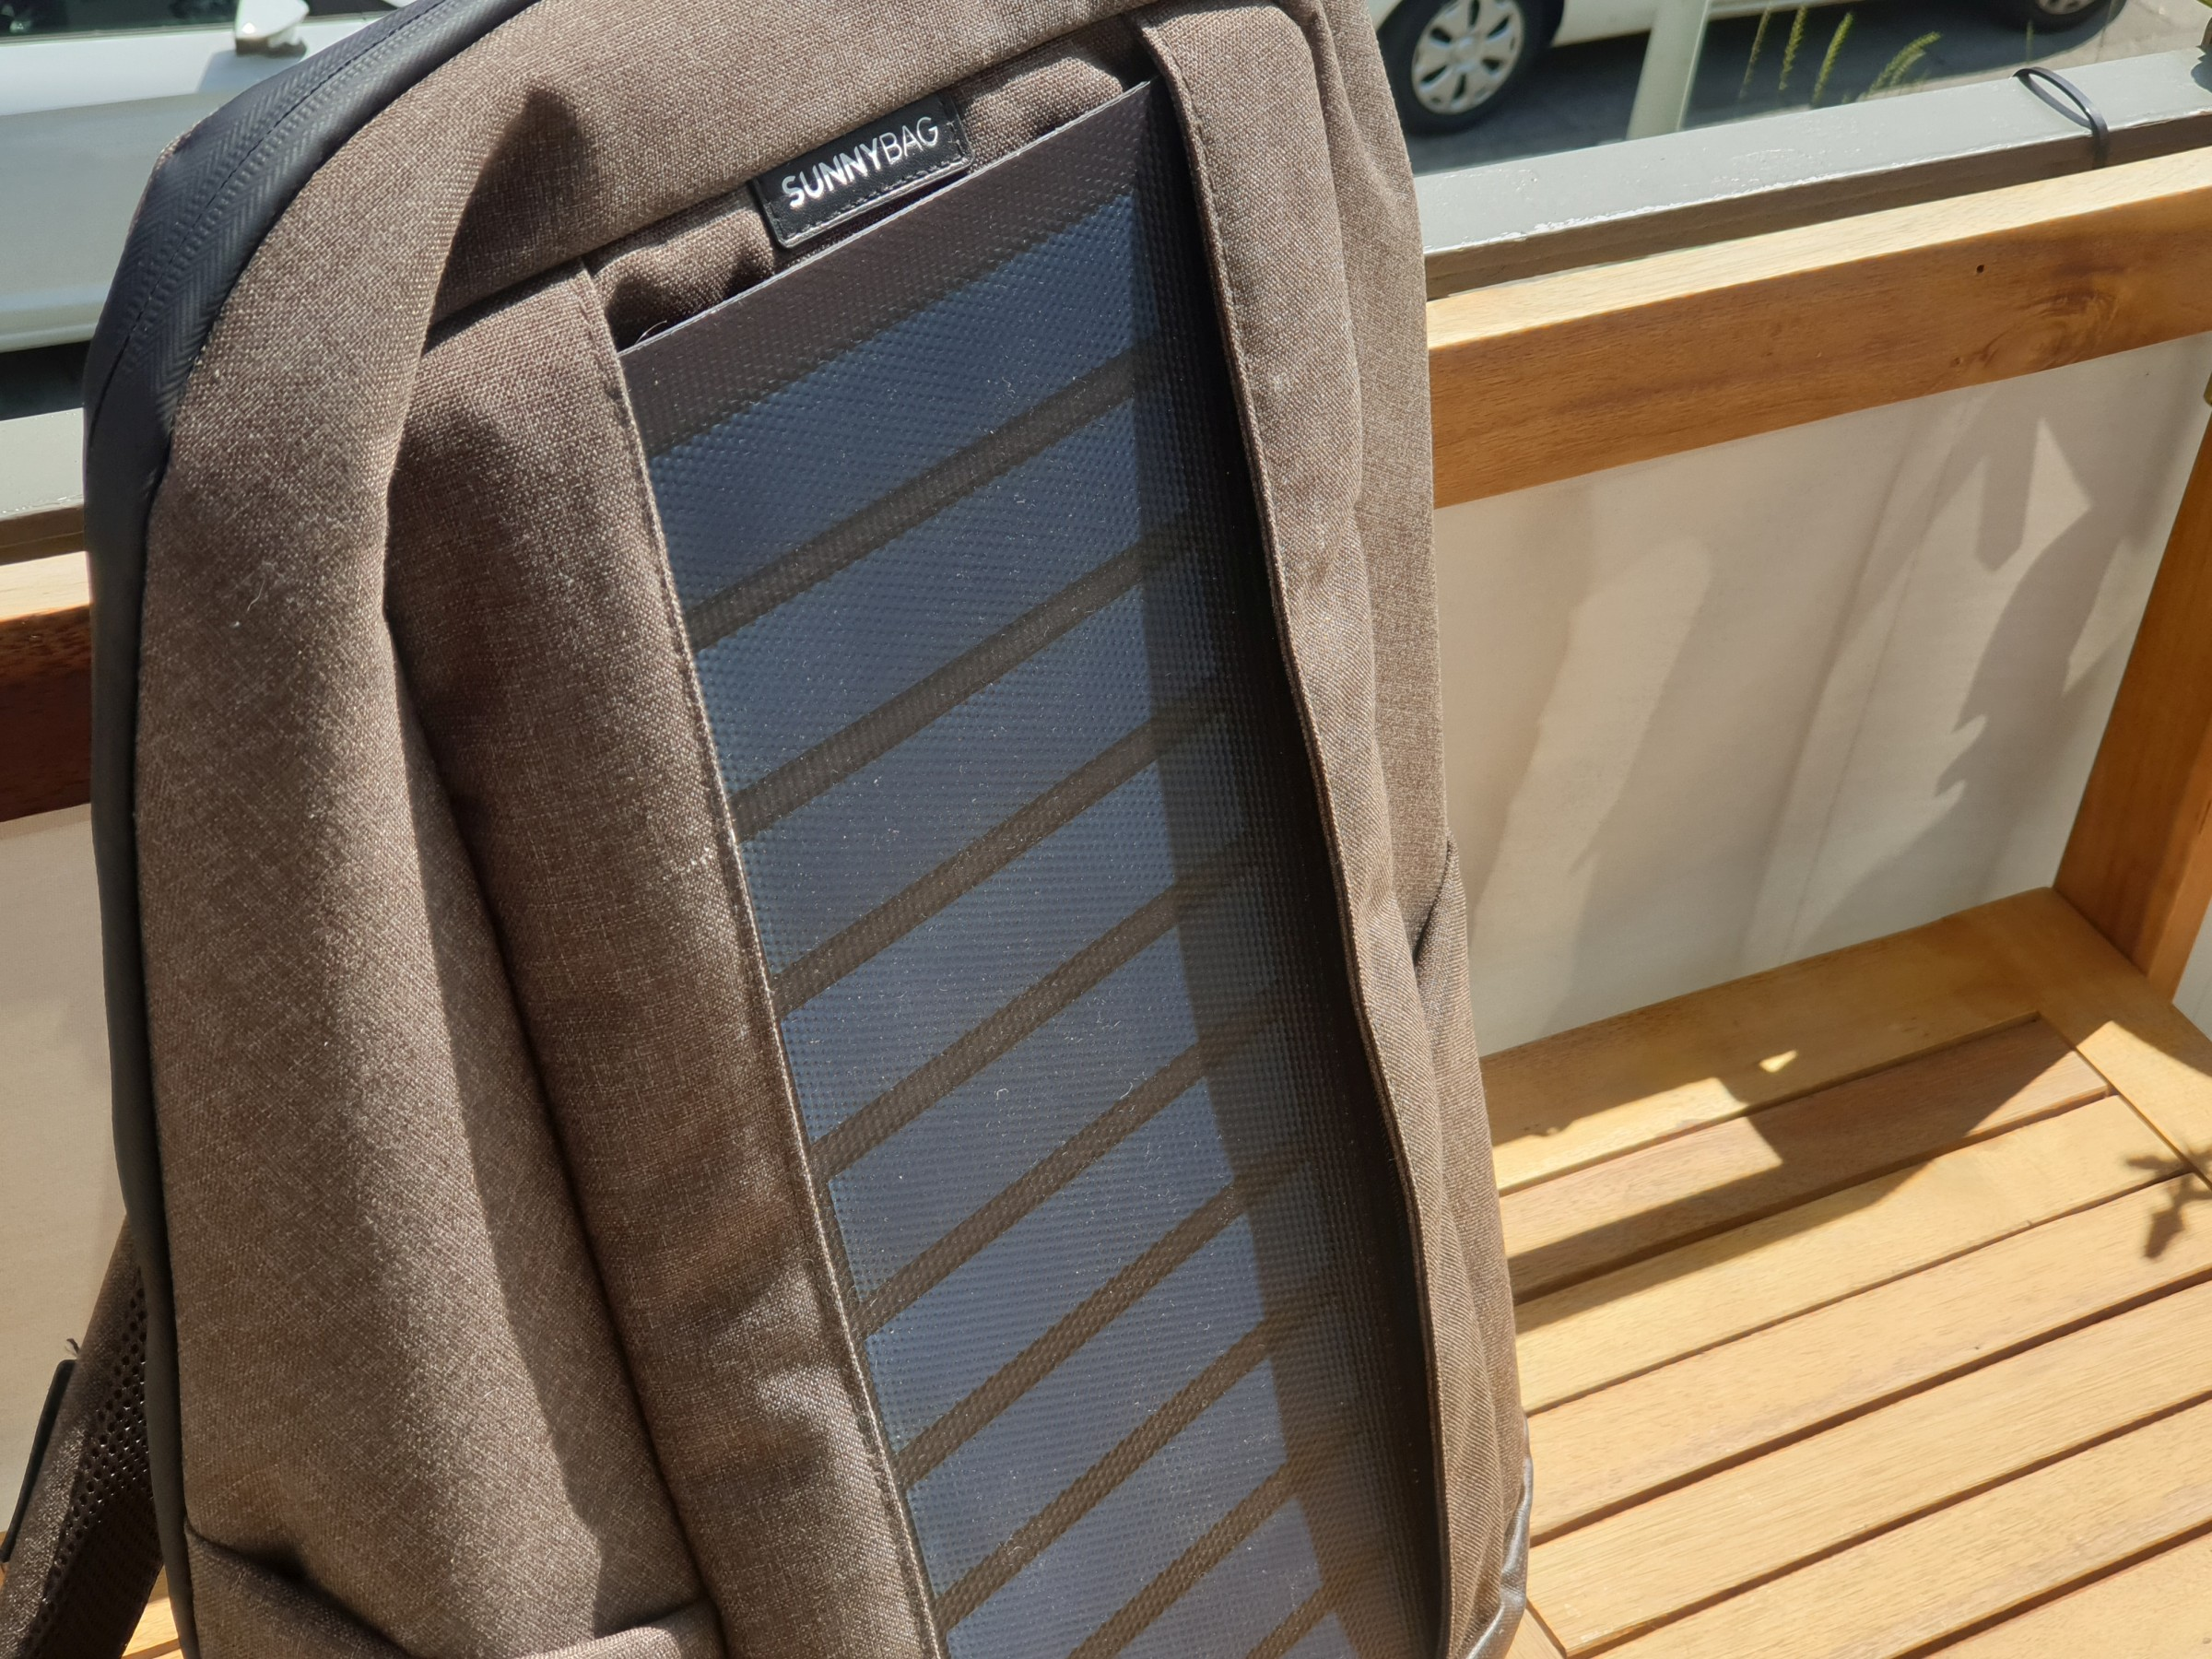 Solar-Rucksack von Sunnybag